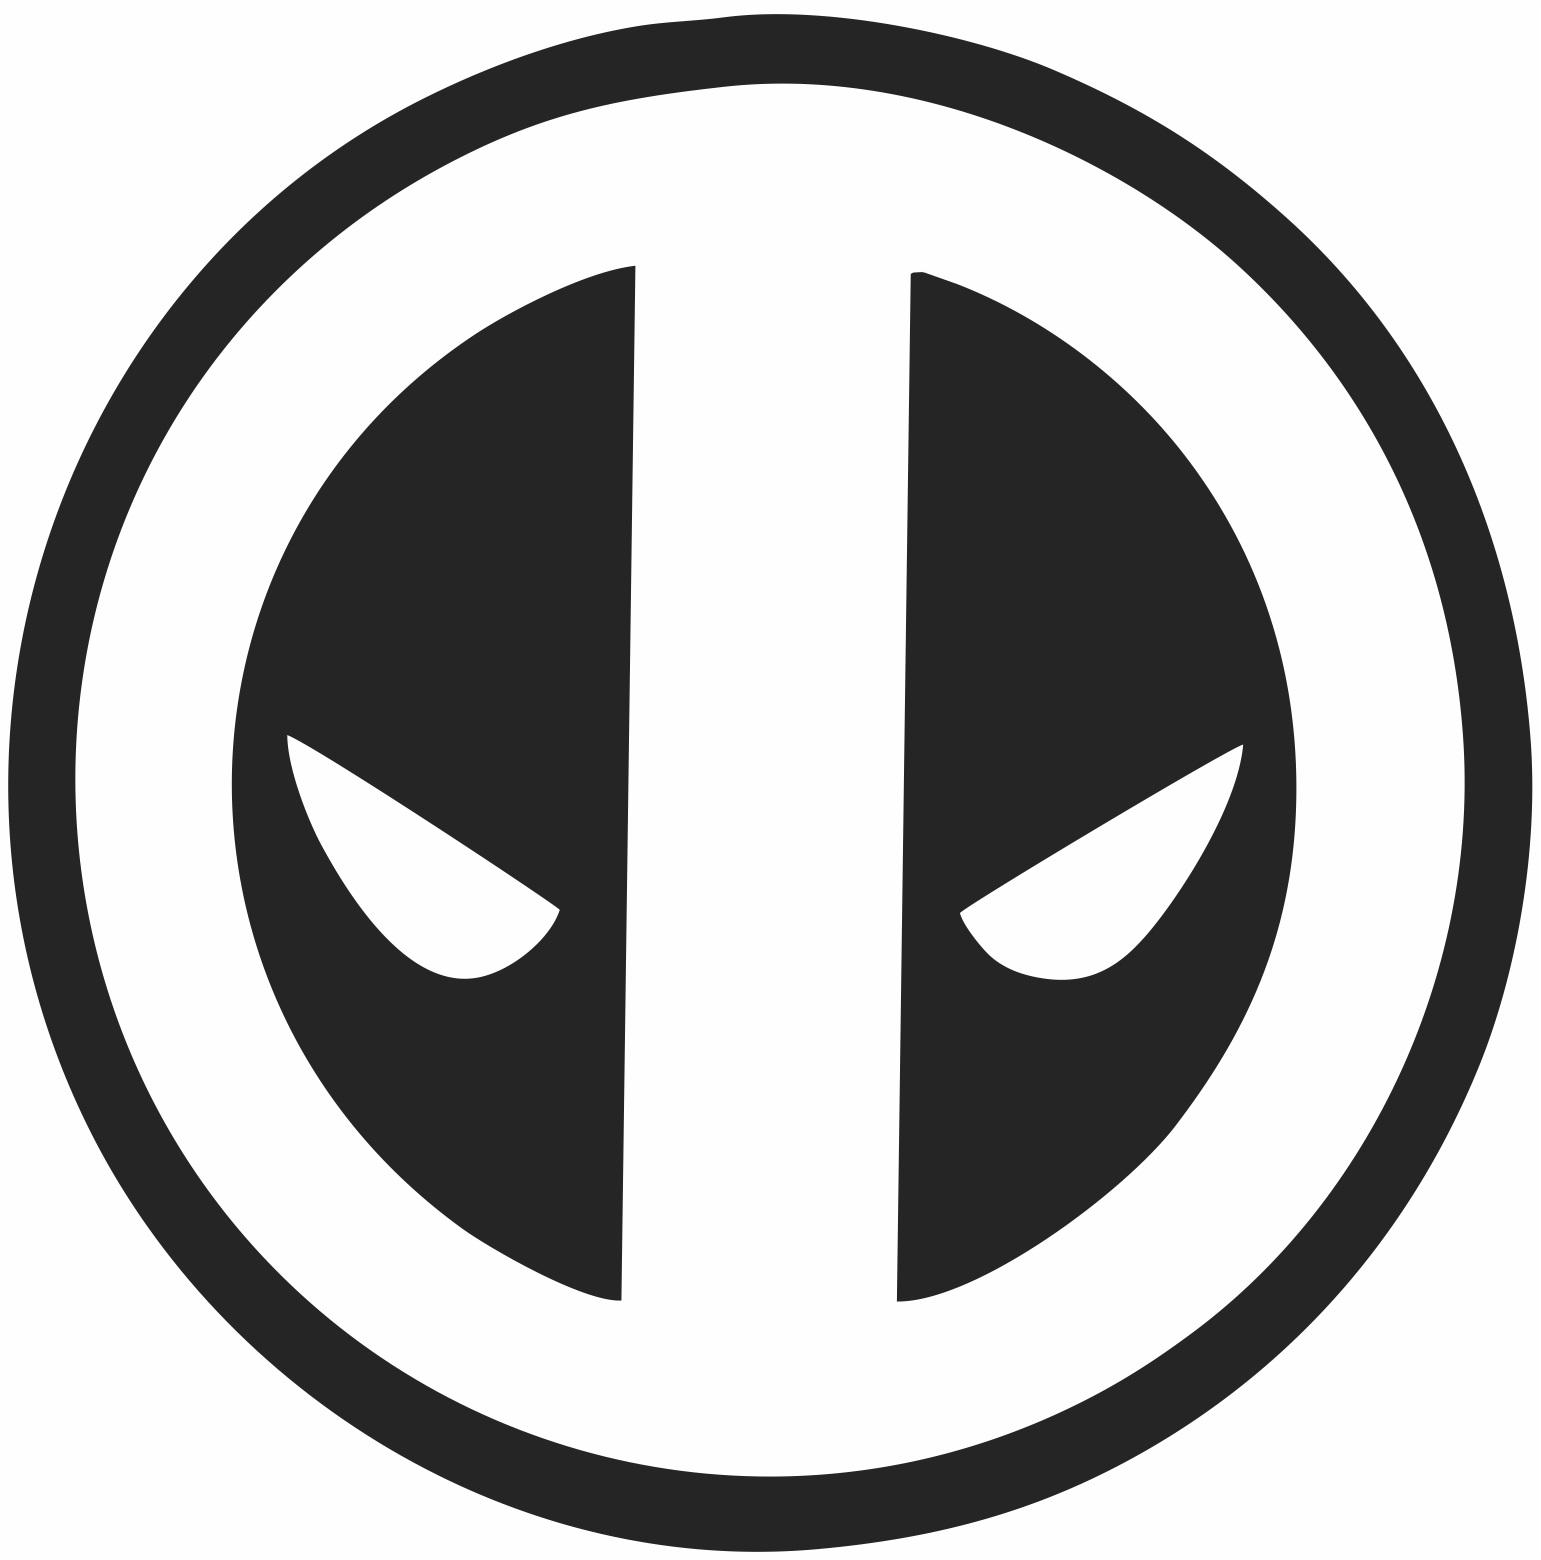 Adesivo Deadpool Frete Incluso